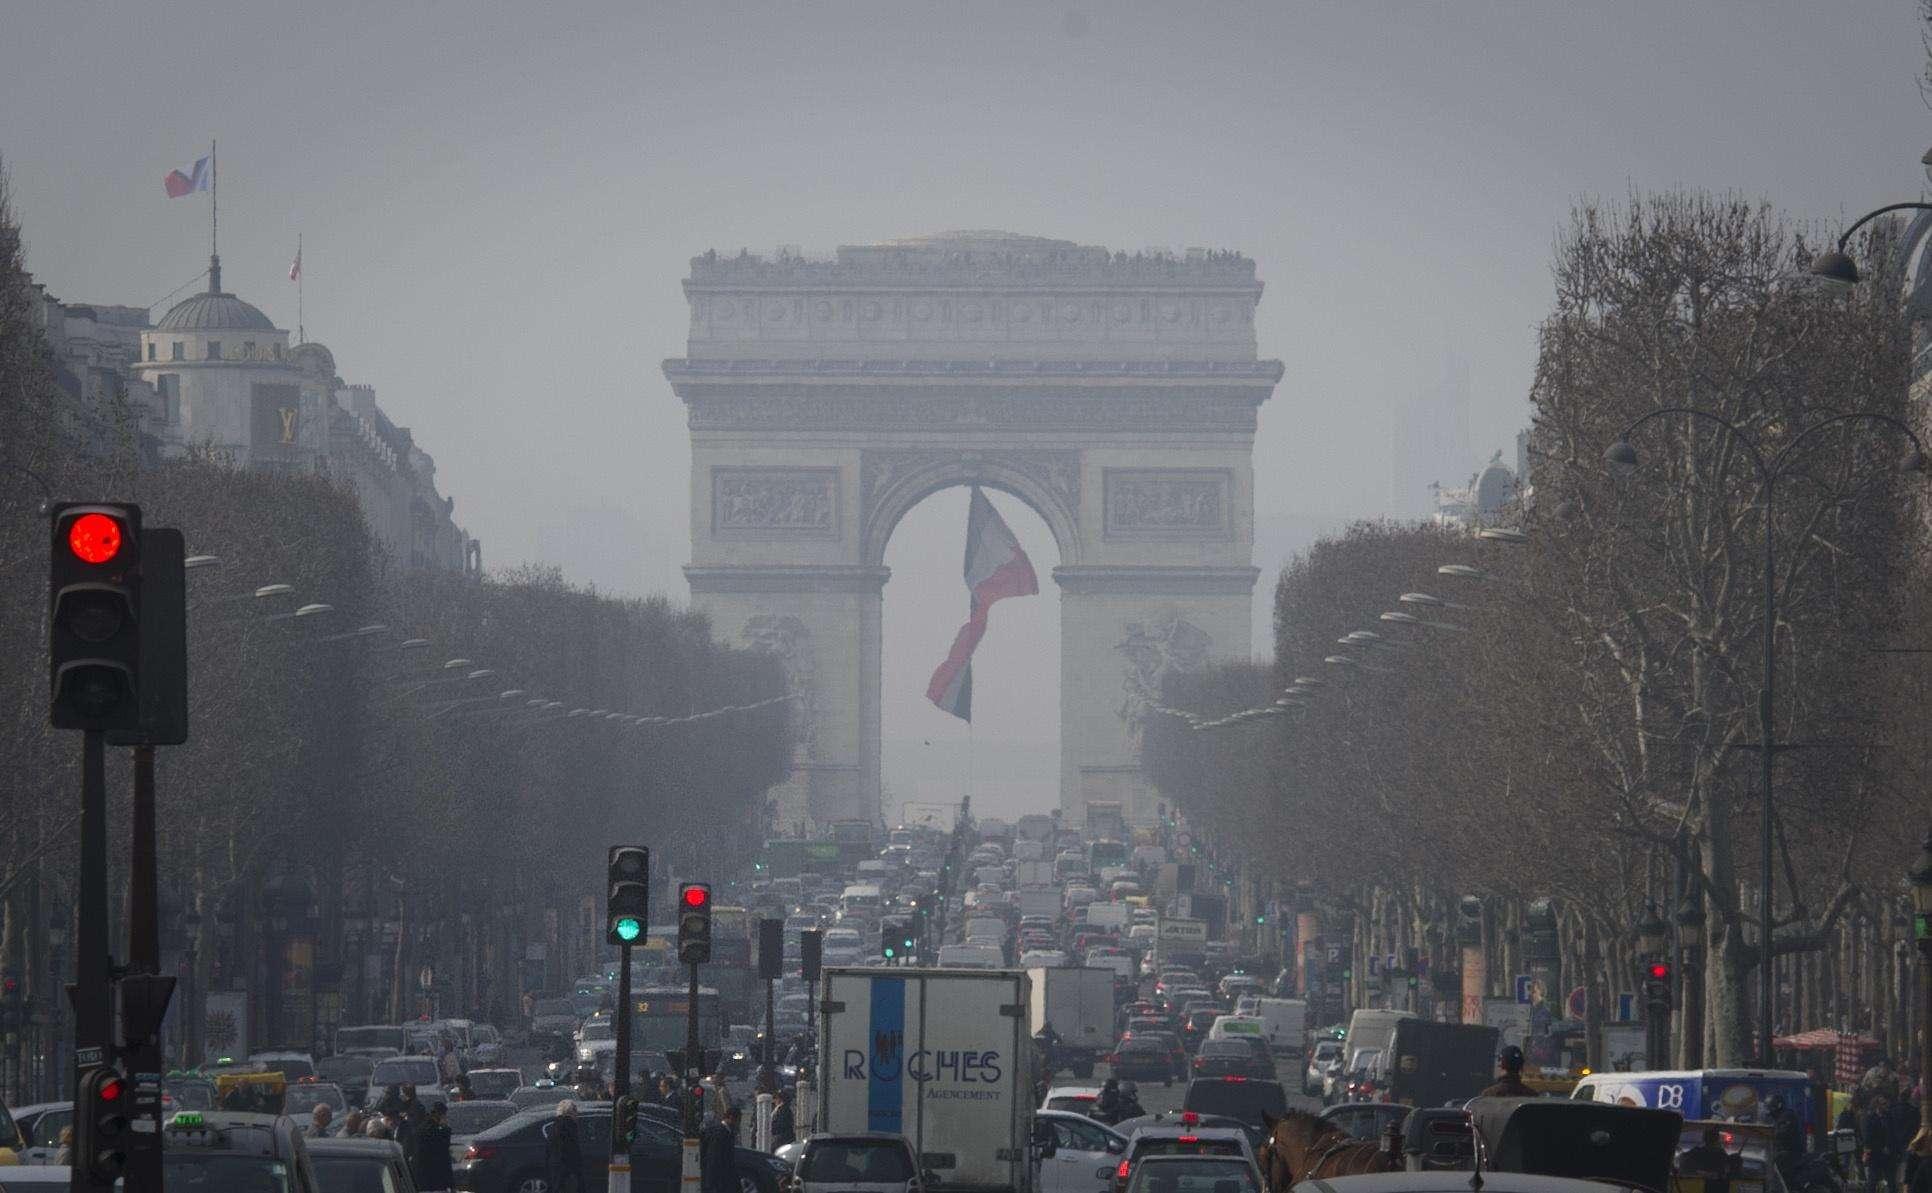 每年50万未成年人受害 欧洲空气污染有多严重?